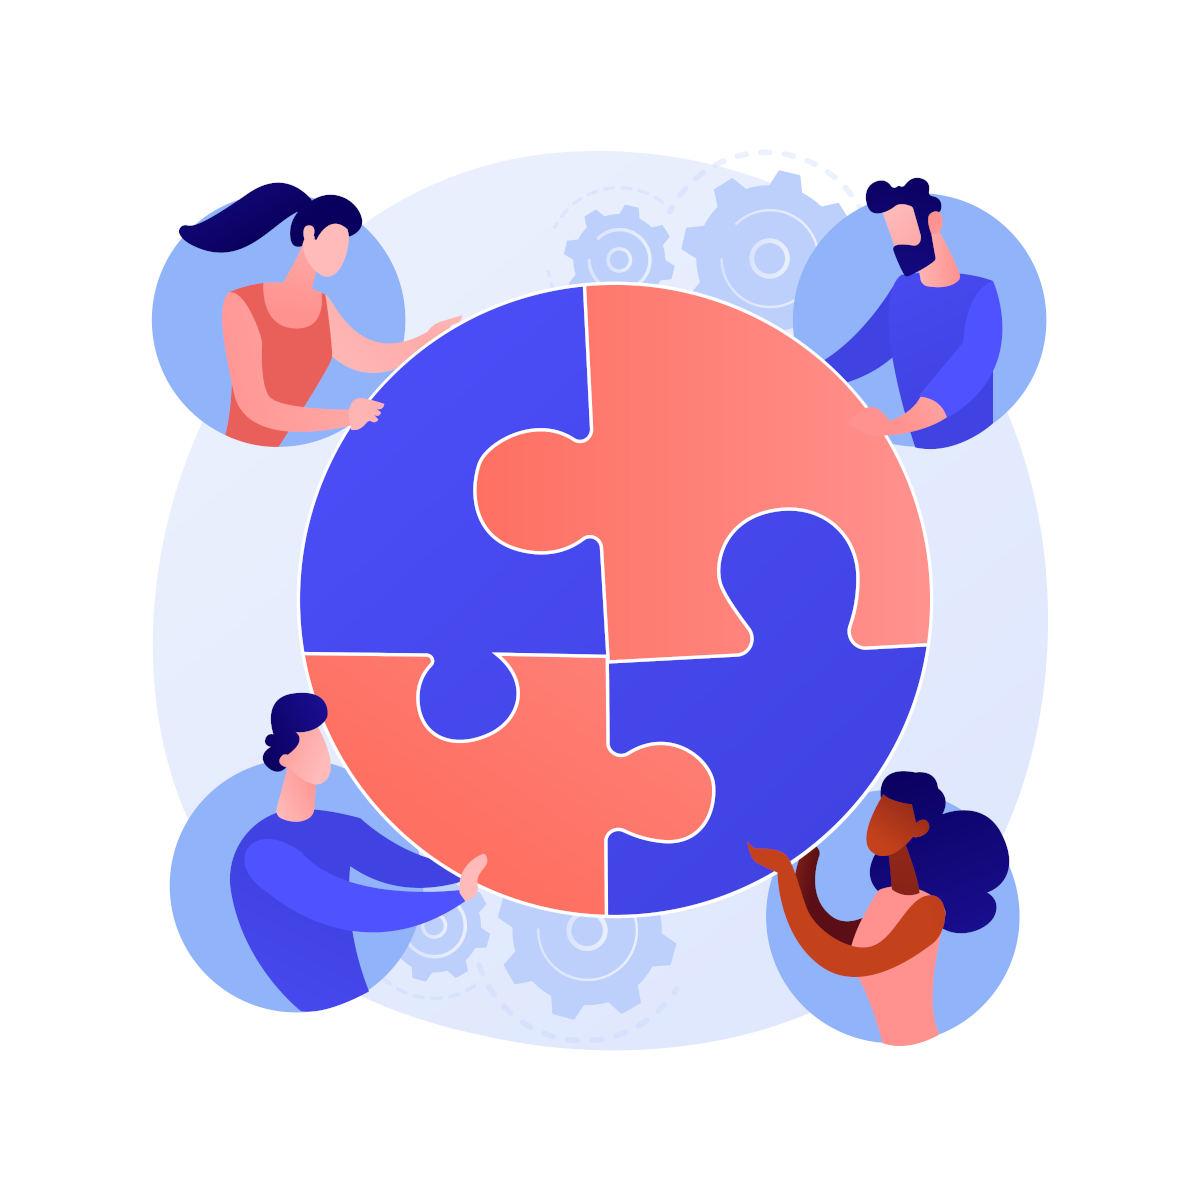 Bild symbolisiert drittes Netzwerktreffen.